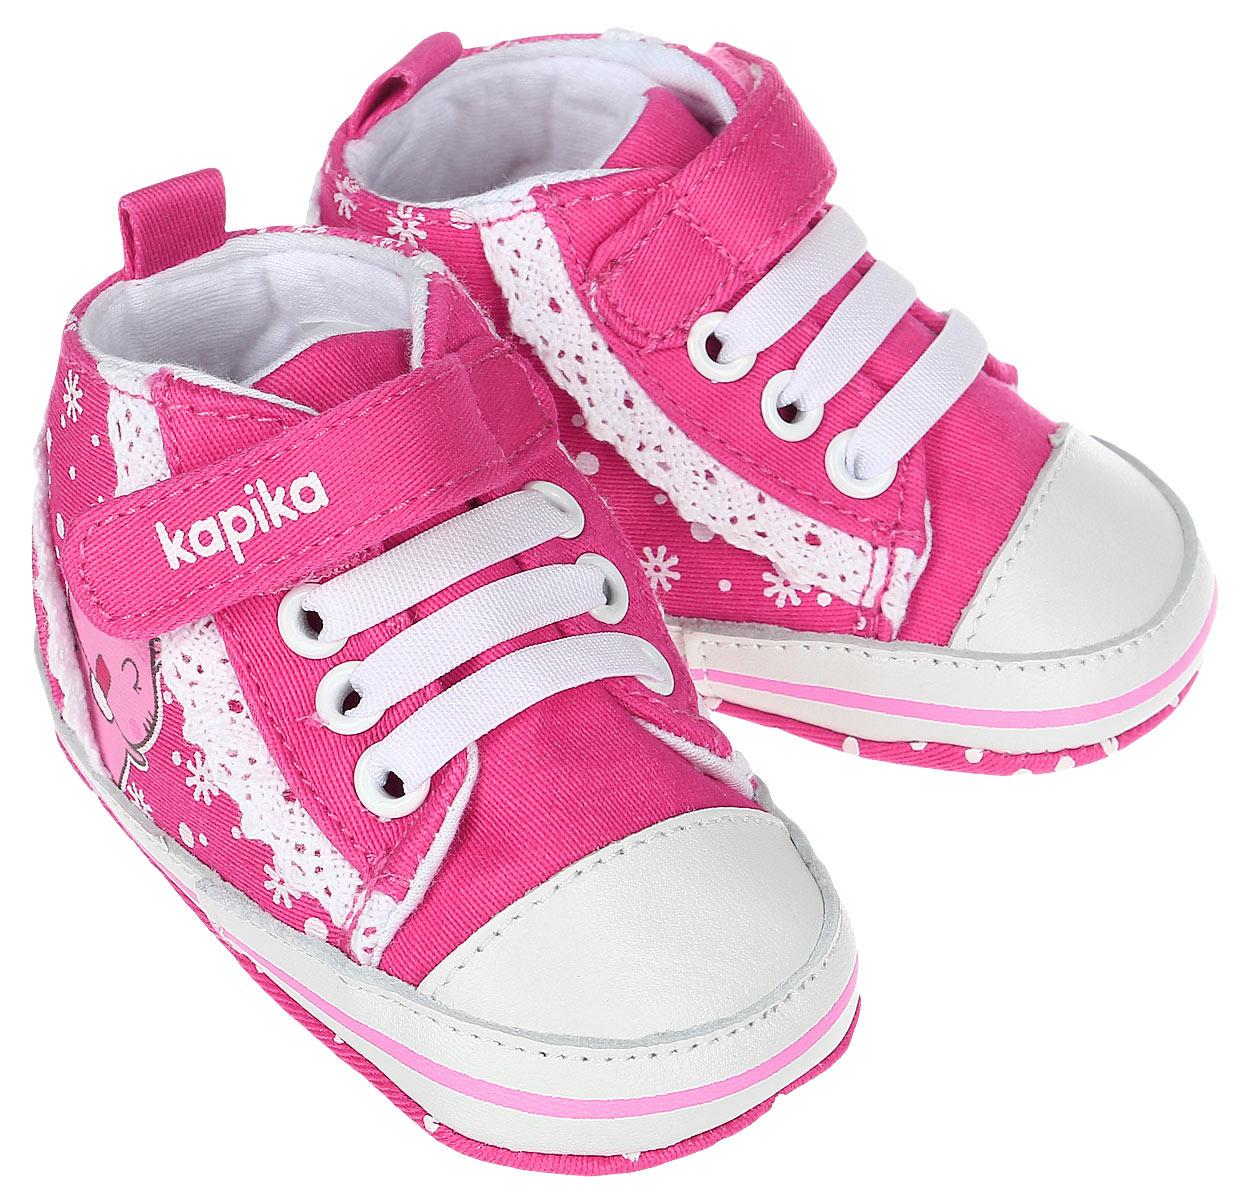 Пинетки для девочки Kapika, цвет: розовый, белый. 10120. Размер 18 пинетки детские капика цвет серый 10126 размер 18